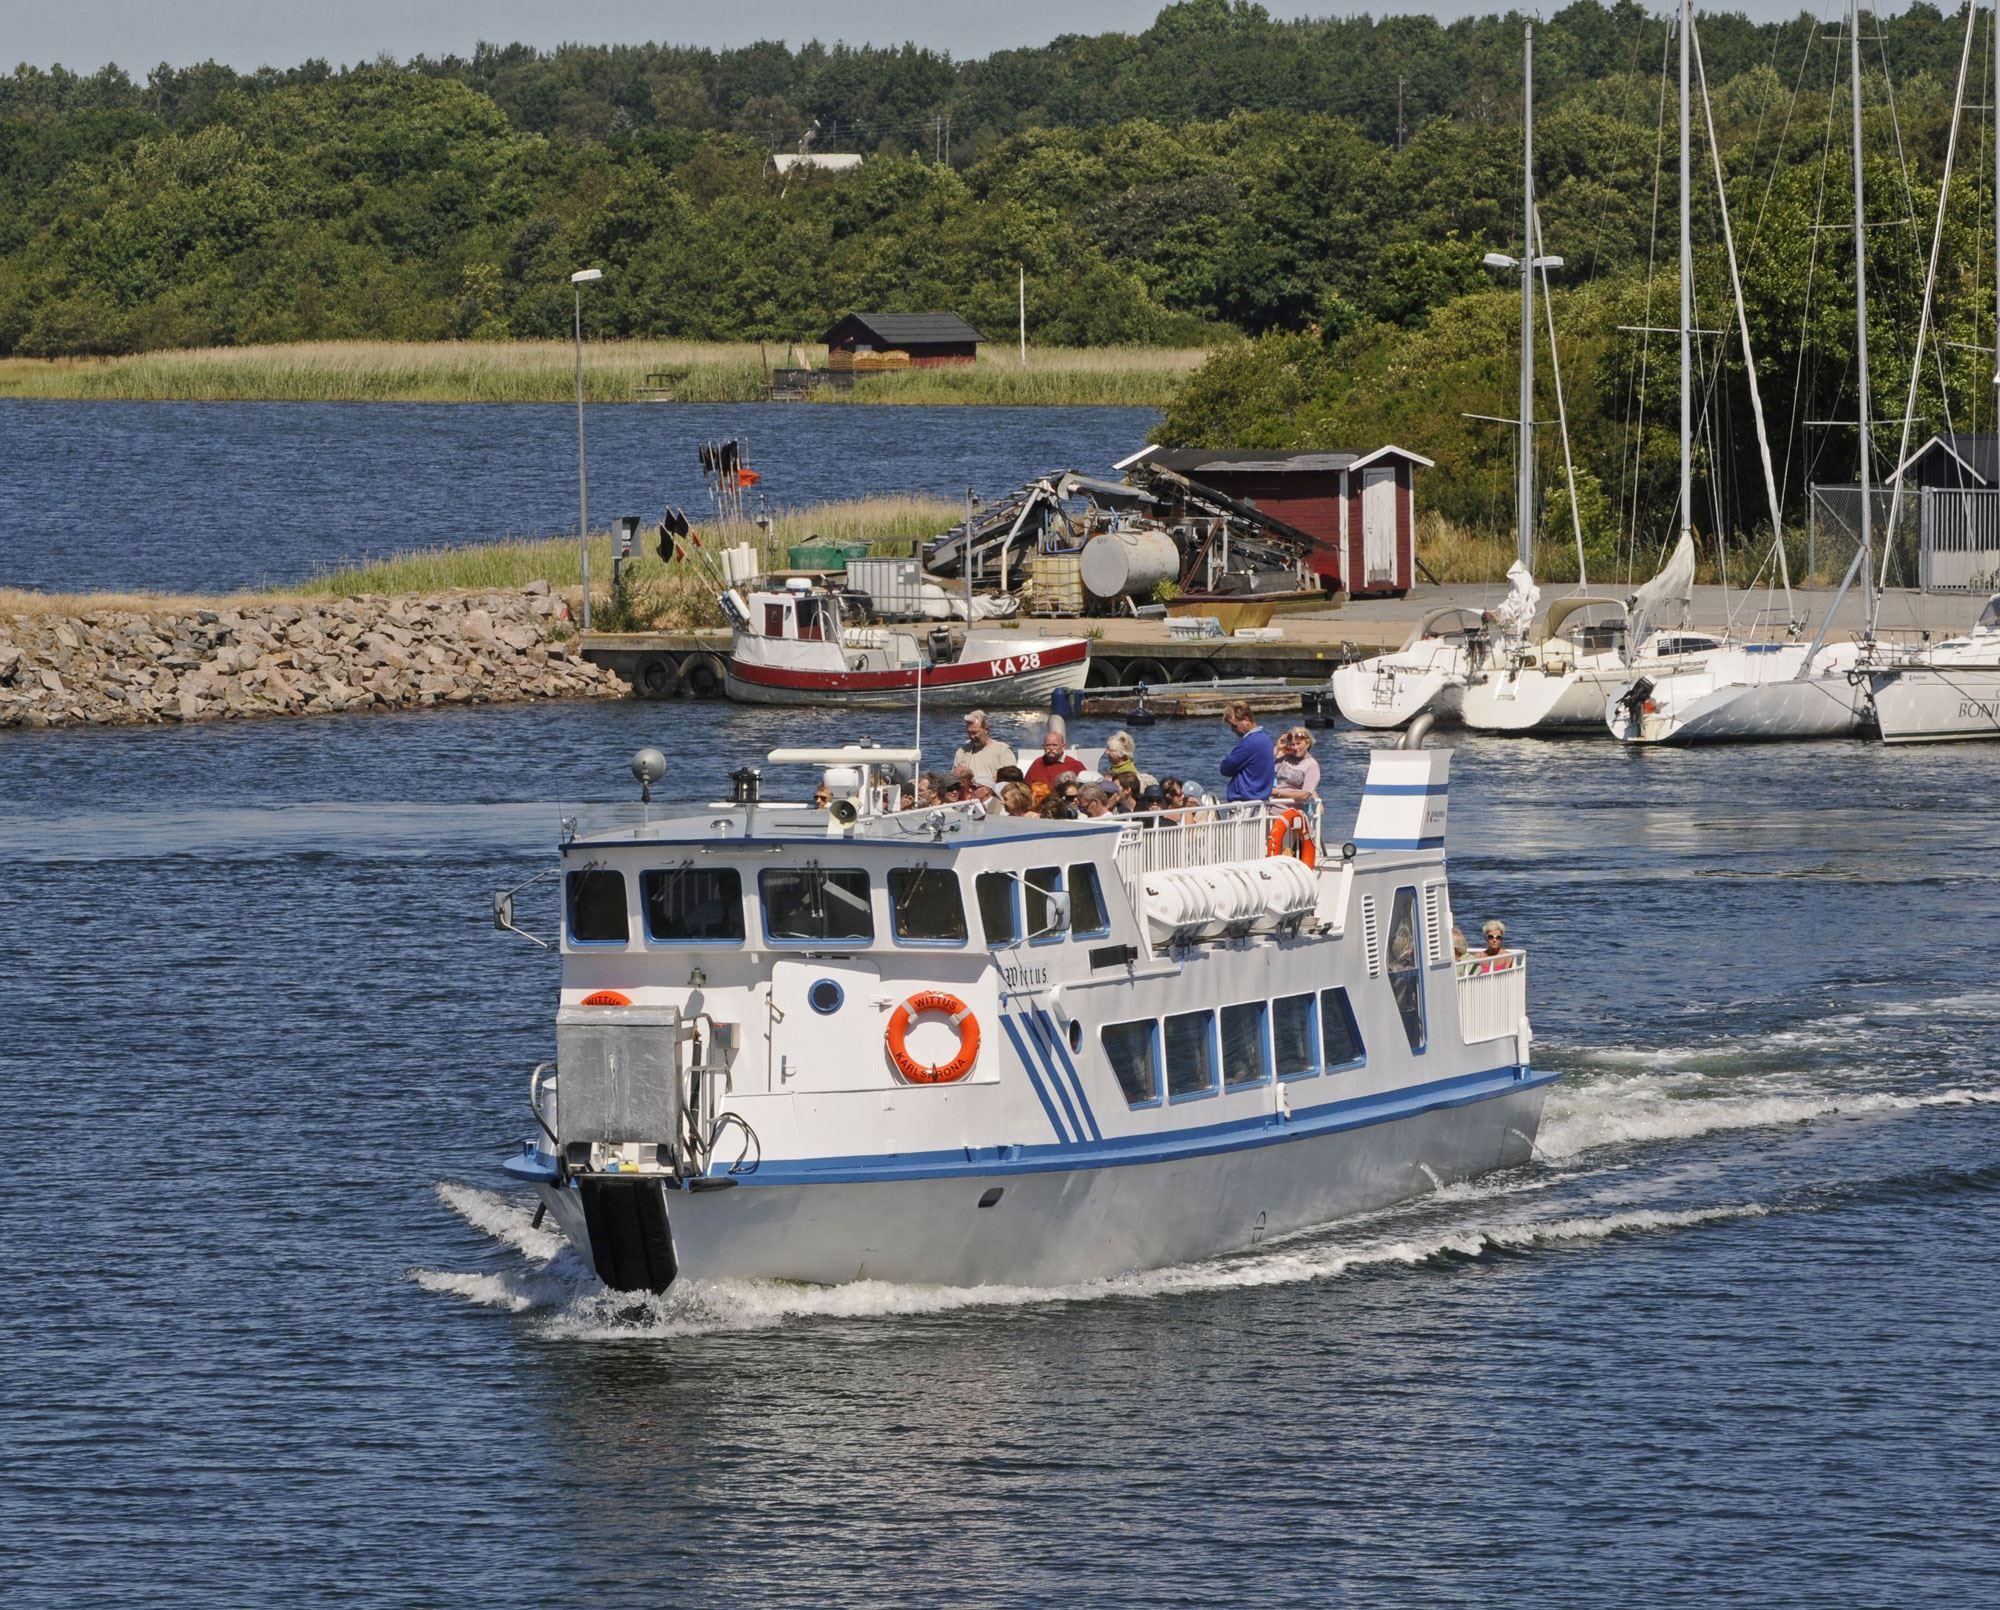 Archipelago boat tours